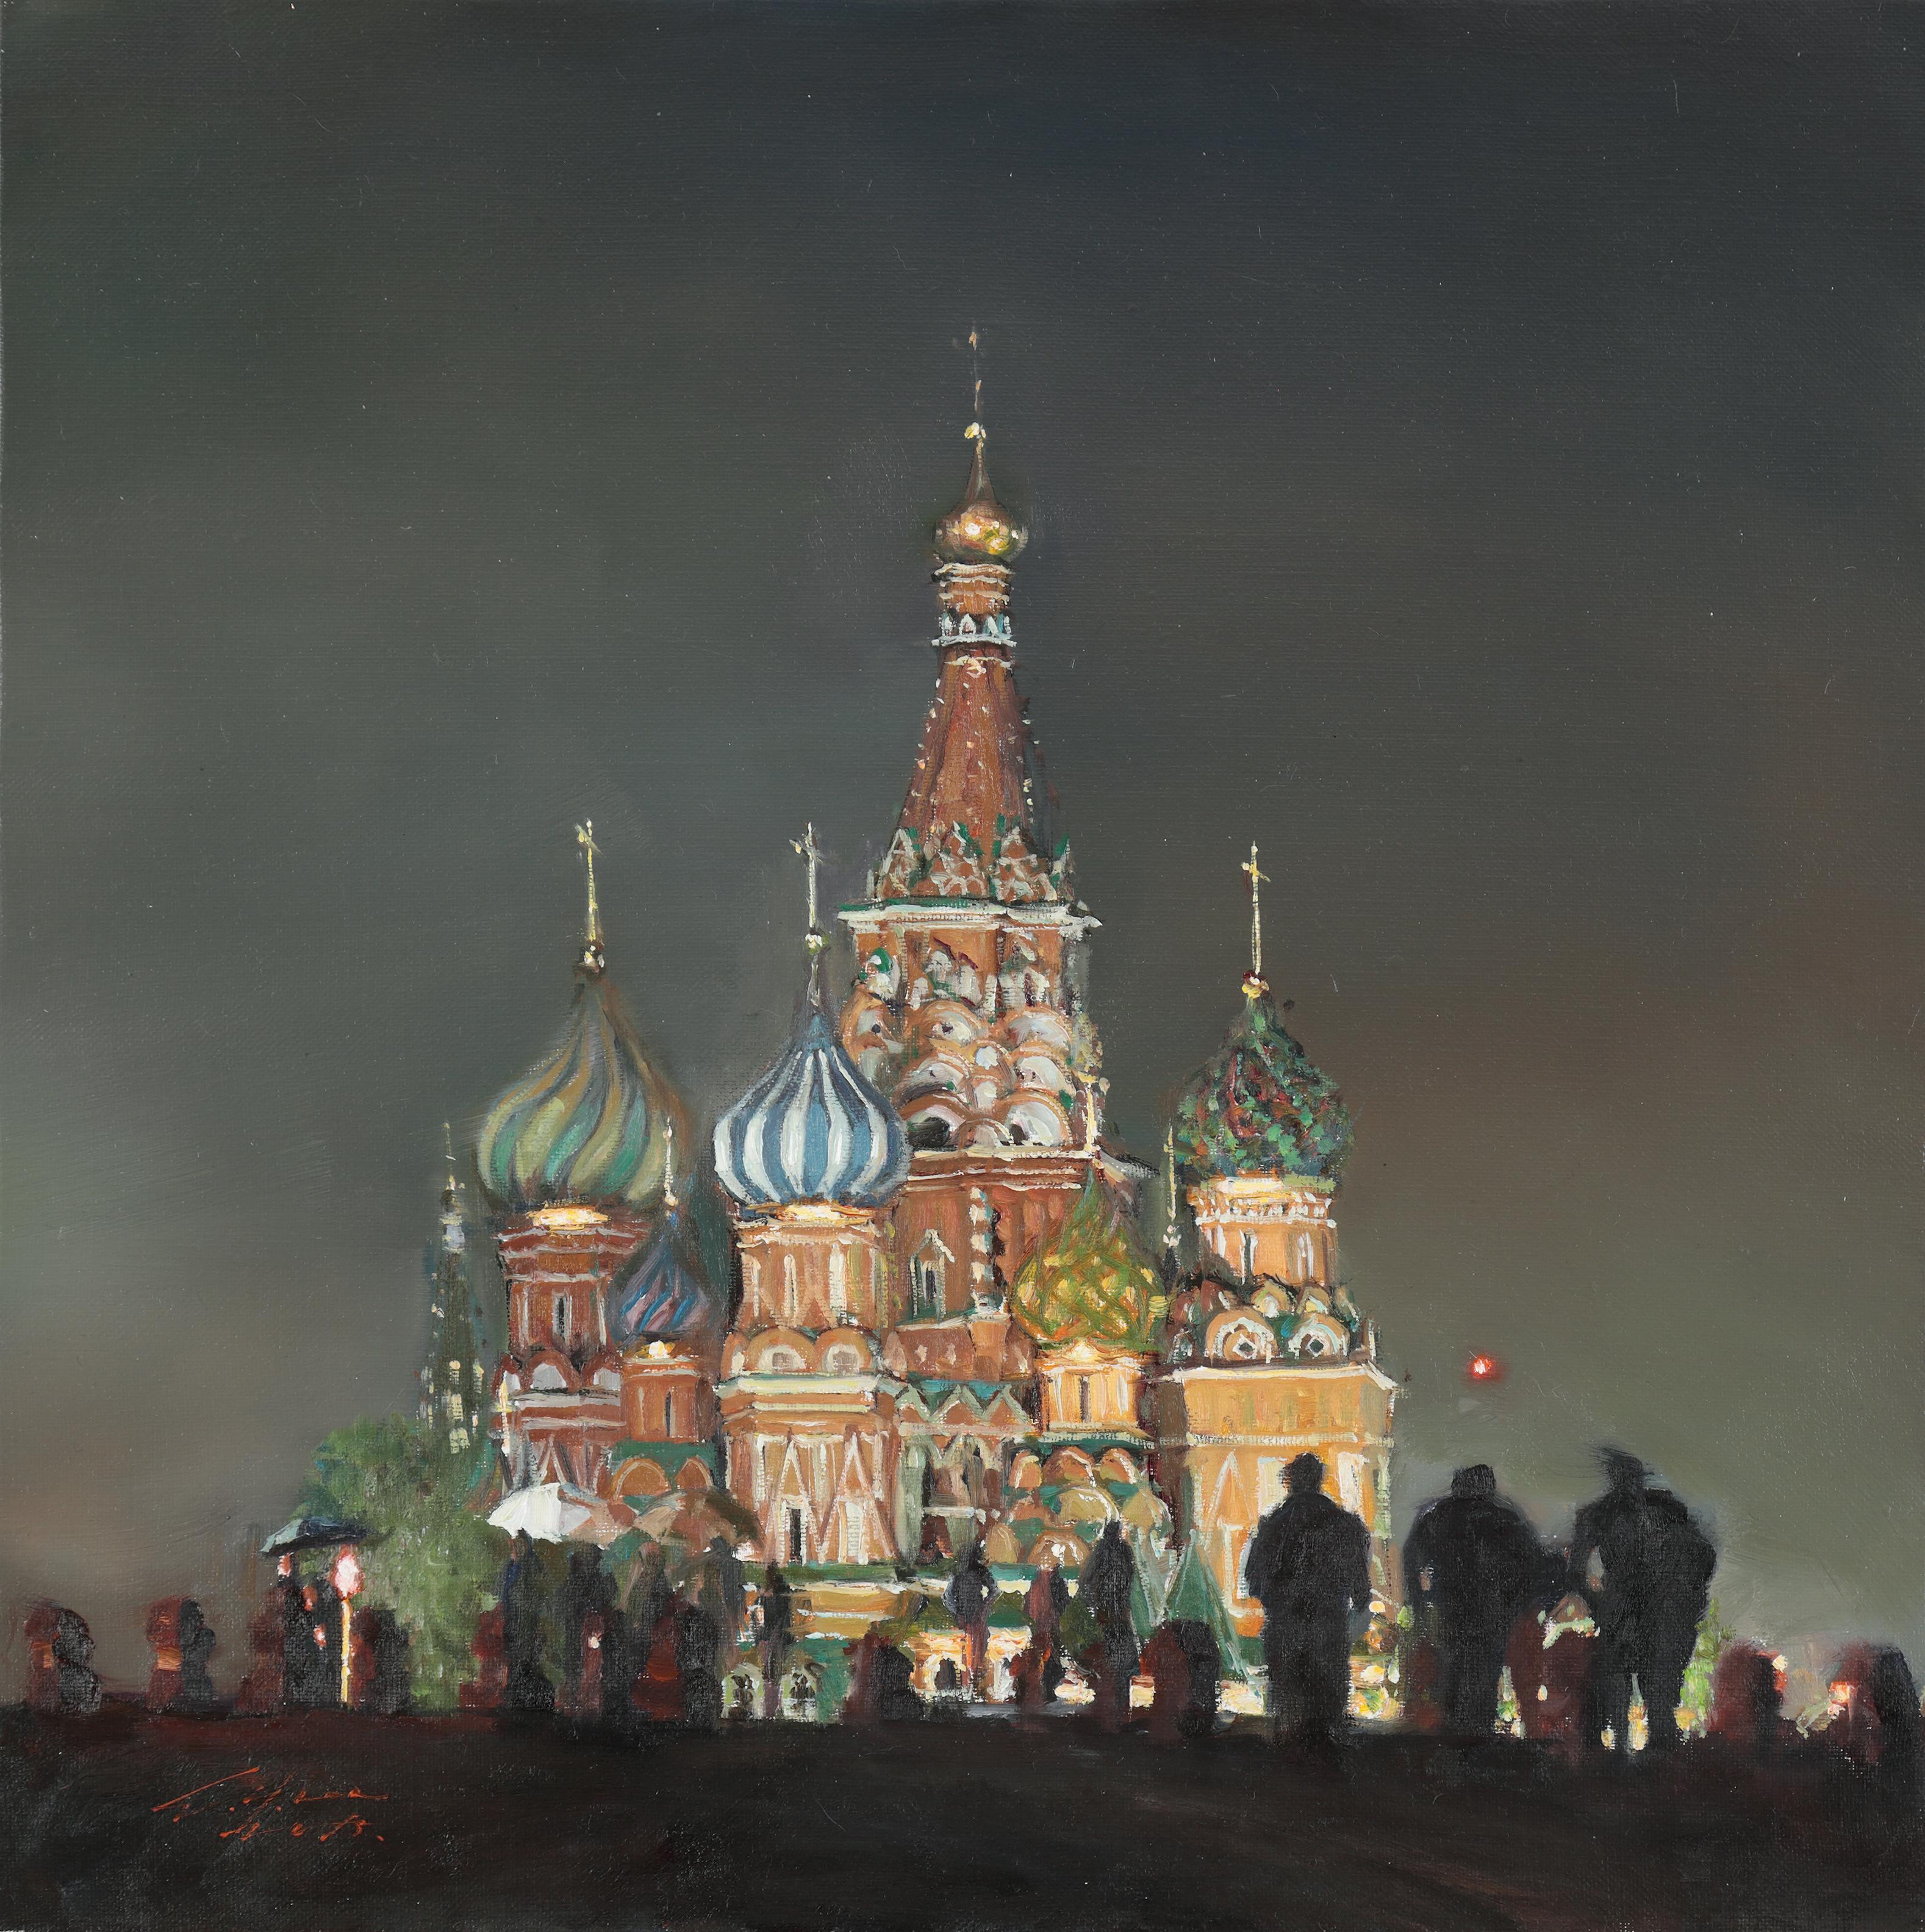 35 바실리의 야경 45.5x45.5 Oil on canvas 2015